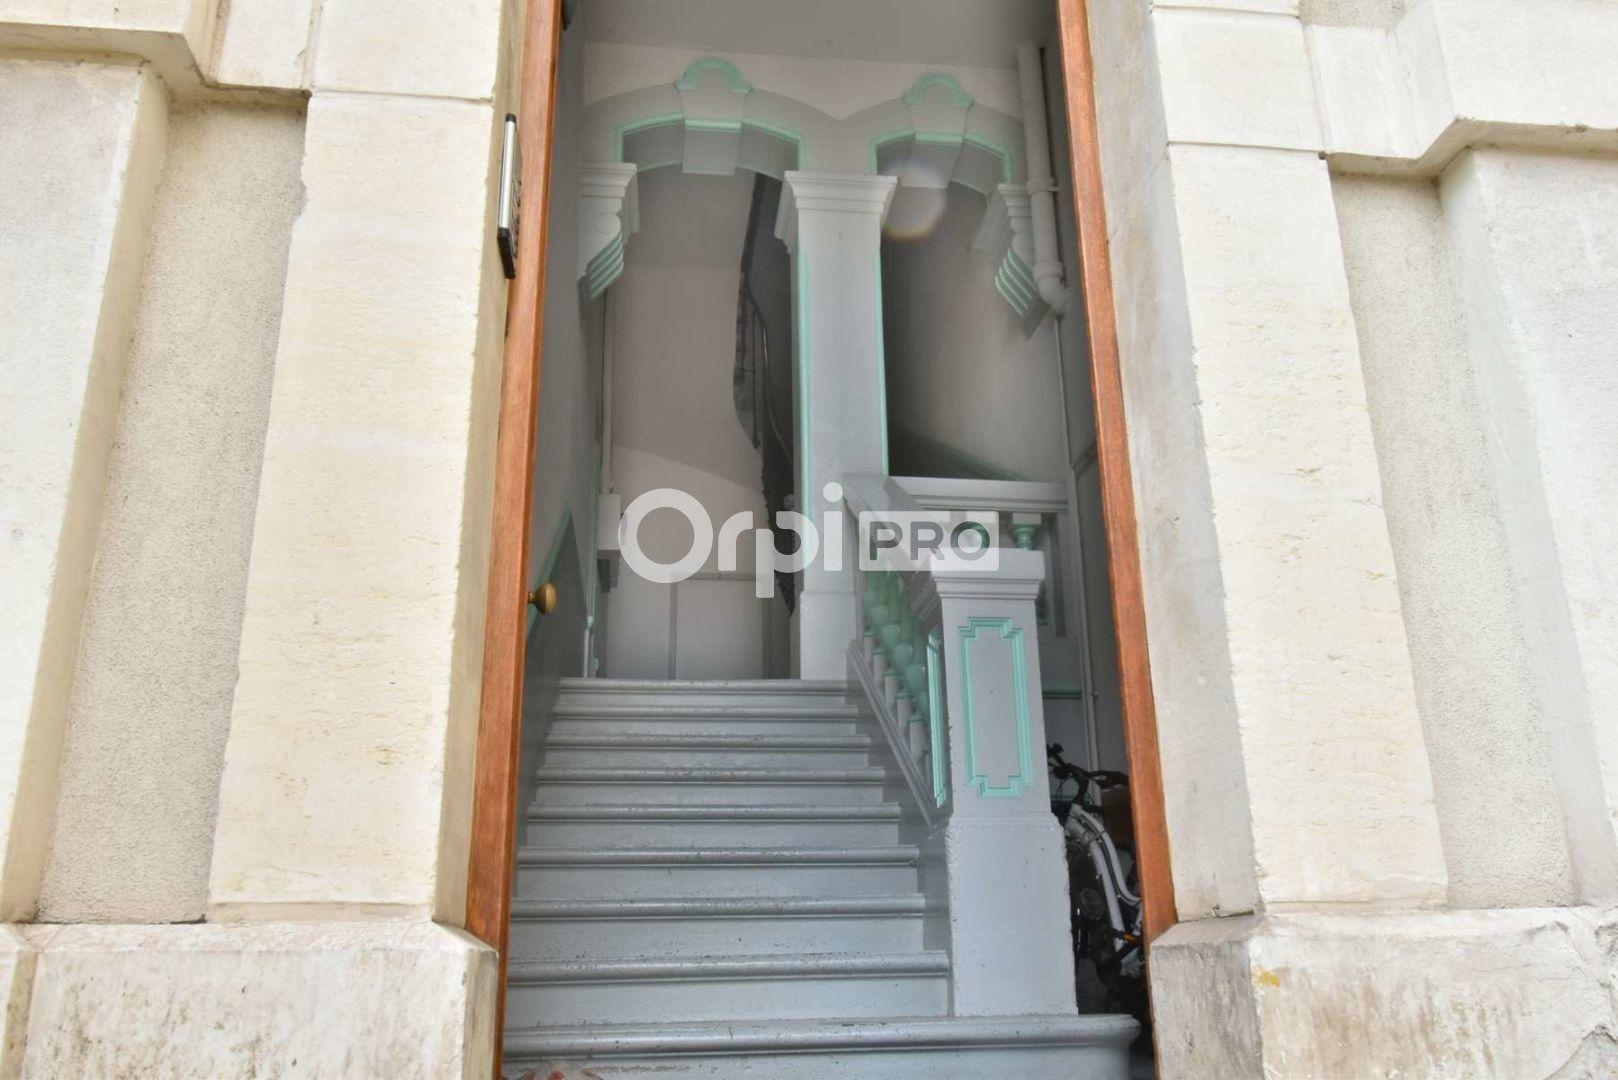 Fonds de commerce à vendre 0 794m2 à Romans-sur-Isère vignette-4